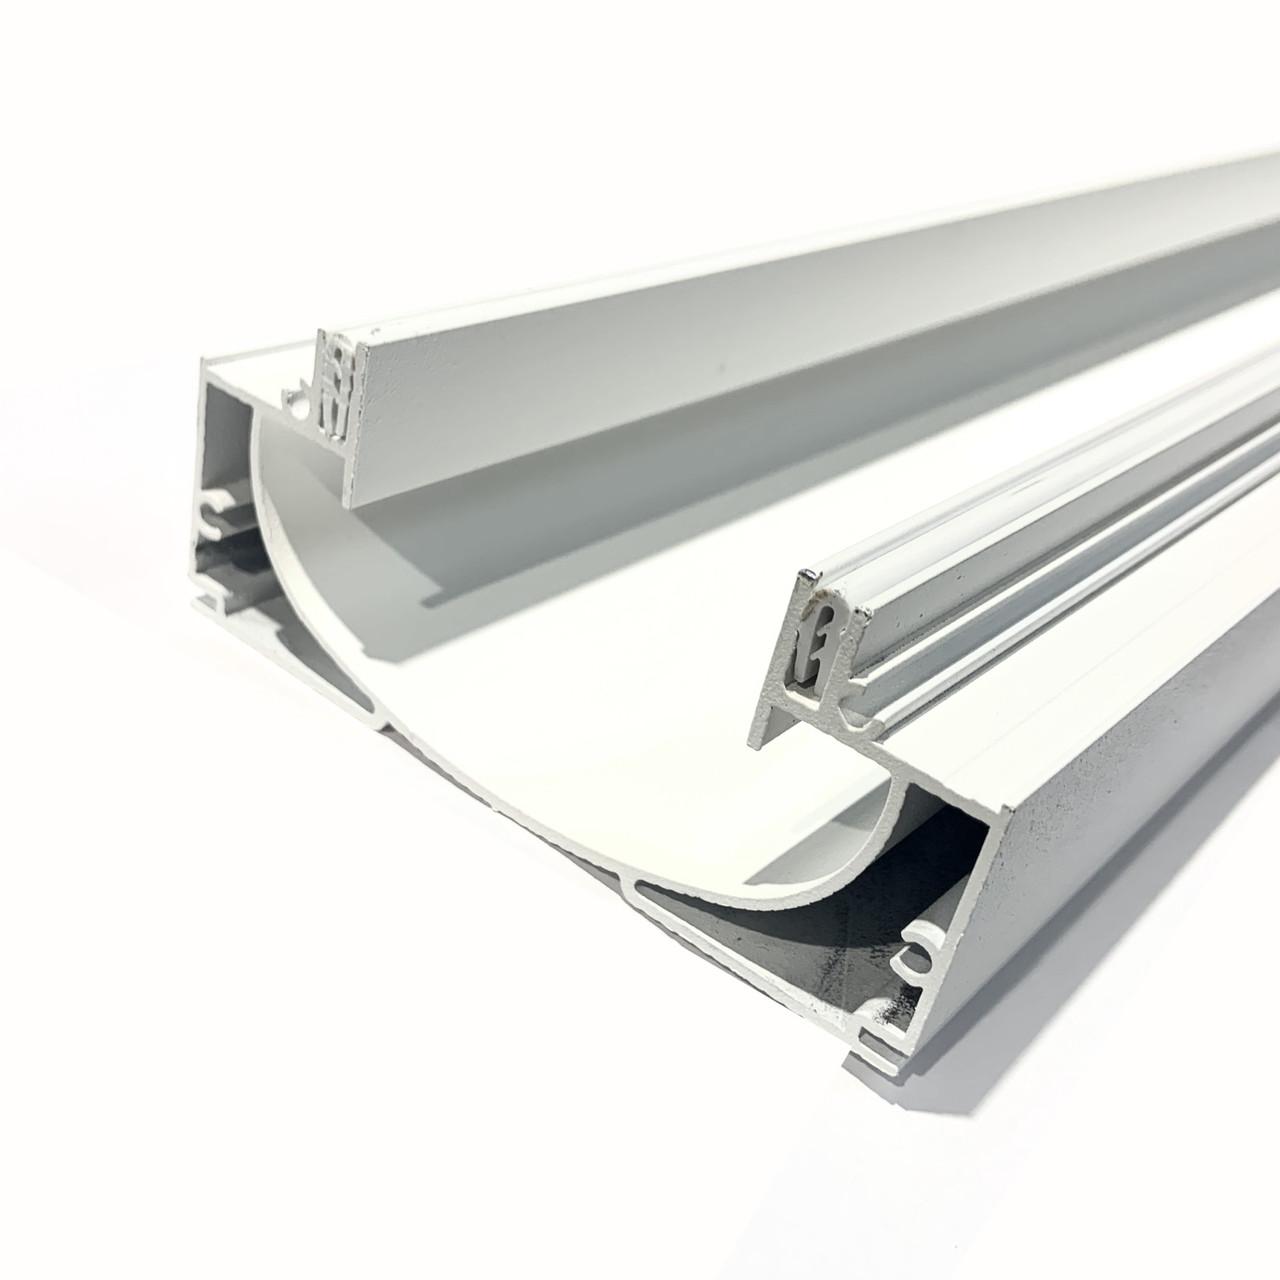 Профиль алюминиевый для натяжных потолков - световые линии SLOTT ниша(БЕЛЫЙ)